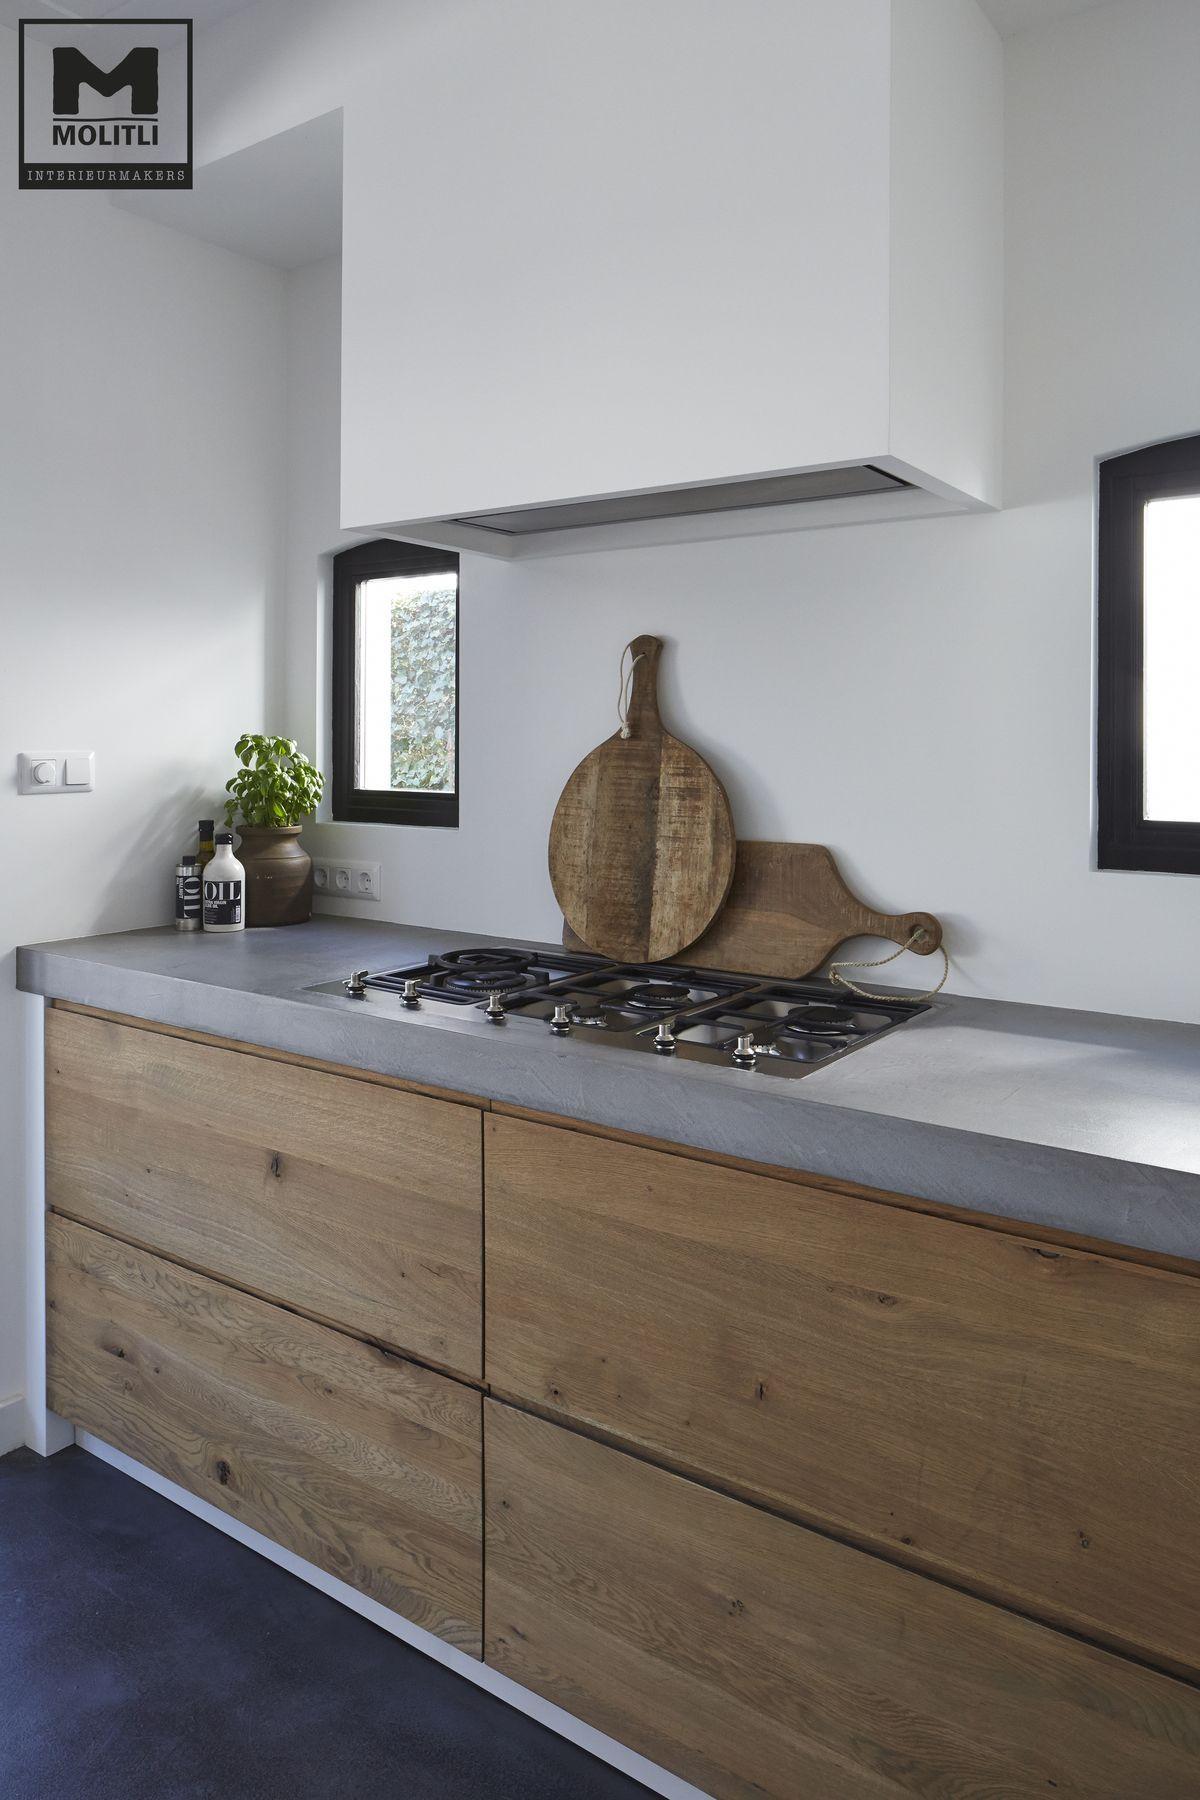 Top Cucina In Resina cucine in muratura • 70 idee per progettare una cucina